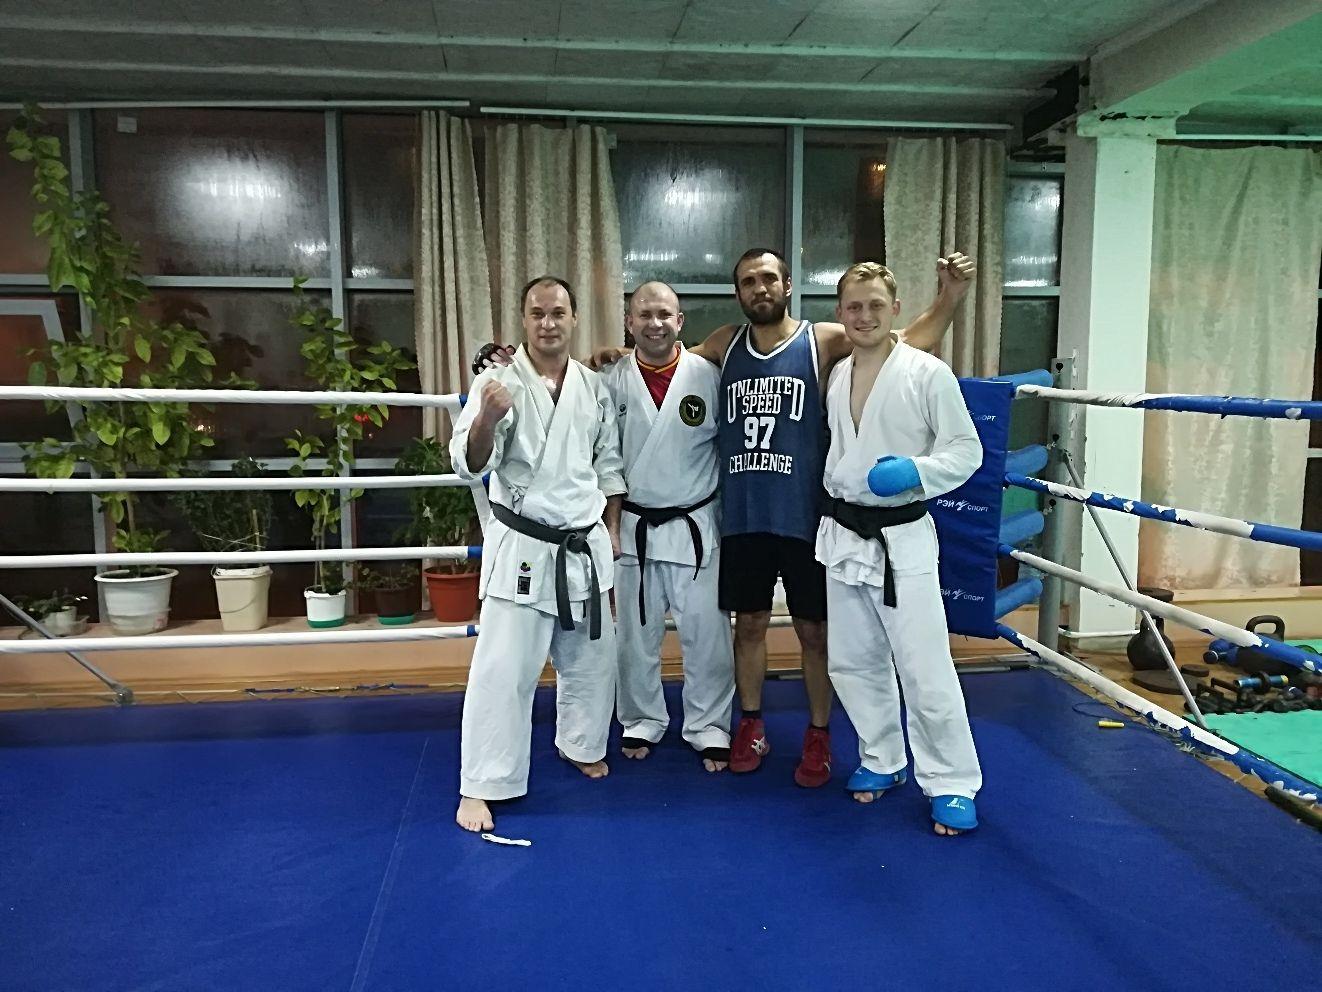 Боксерский спарринг: дружеские поединки проведут спортсмены из Щербинки